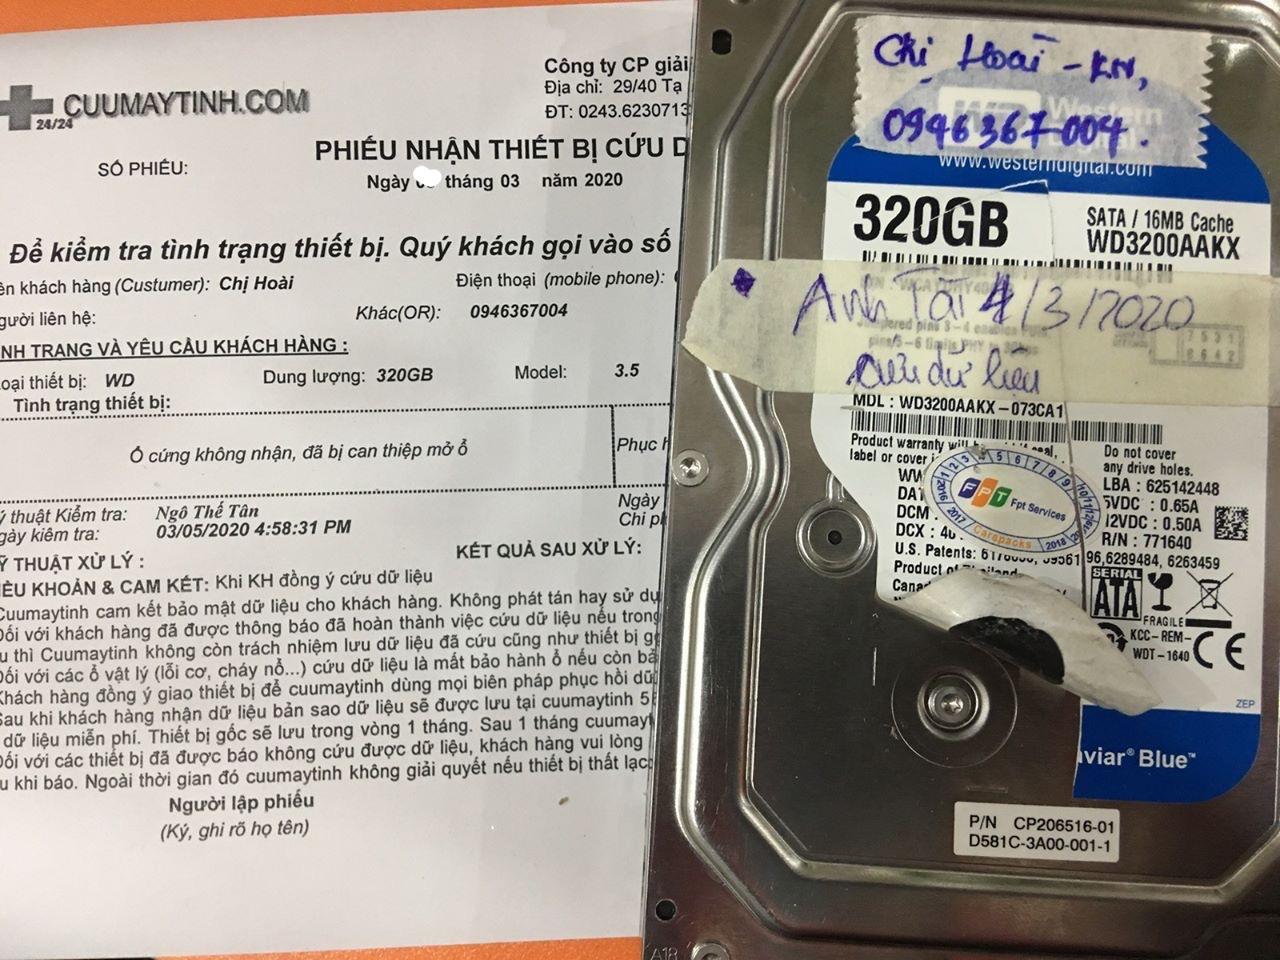 Phục hồi dữ liệu ổ cứng Western 320GB không nhận 12/03/2020 - cuumaytinh